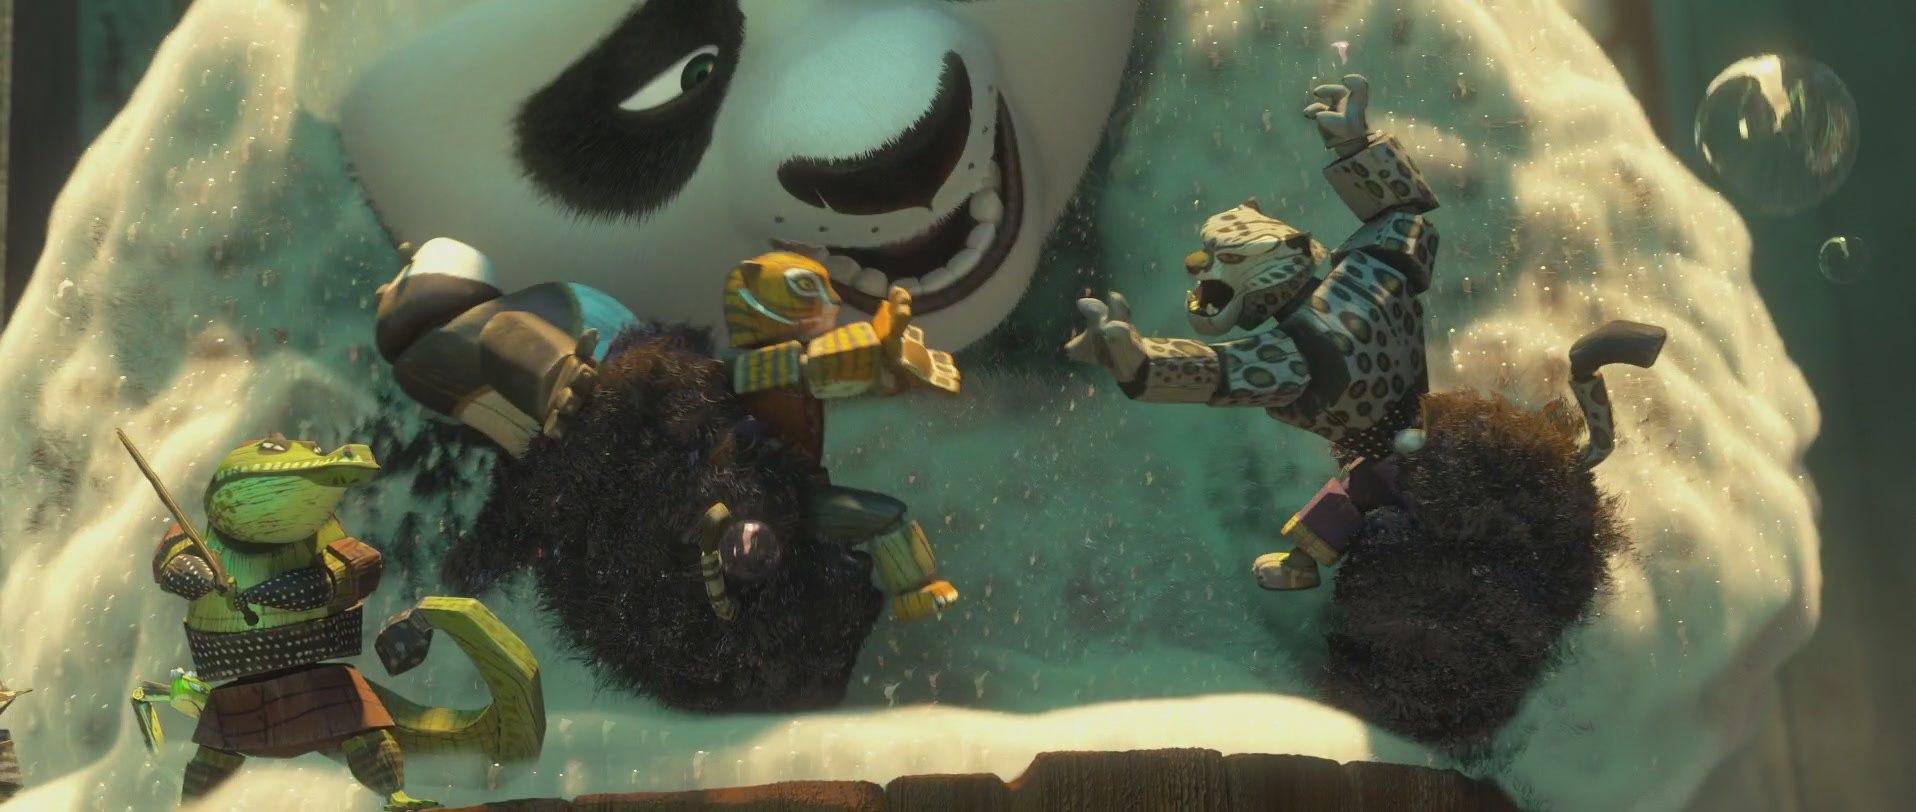 кунг-фу панда купается в ванночке с игрушками